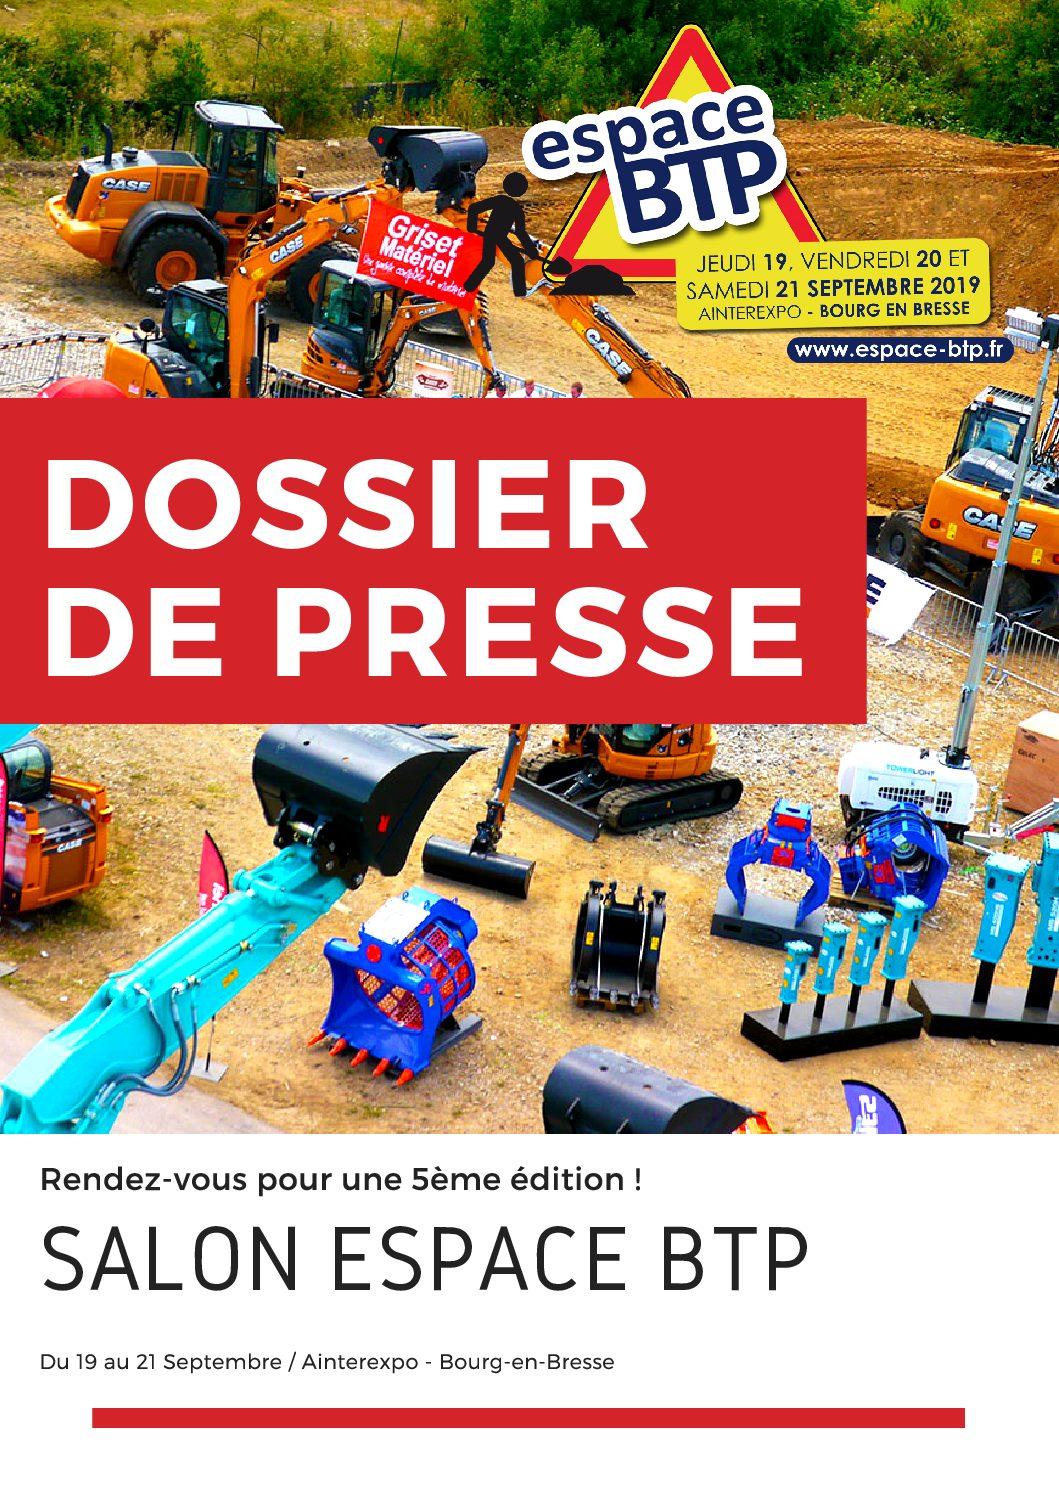 DOSSIER DE PRESSE ESPACE BTP IMPRESSION